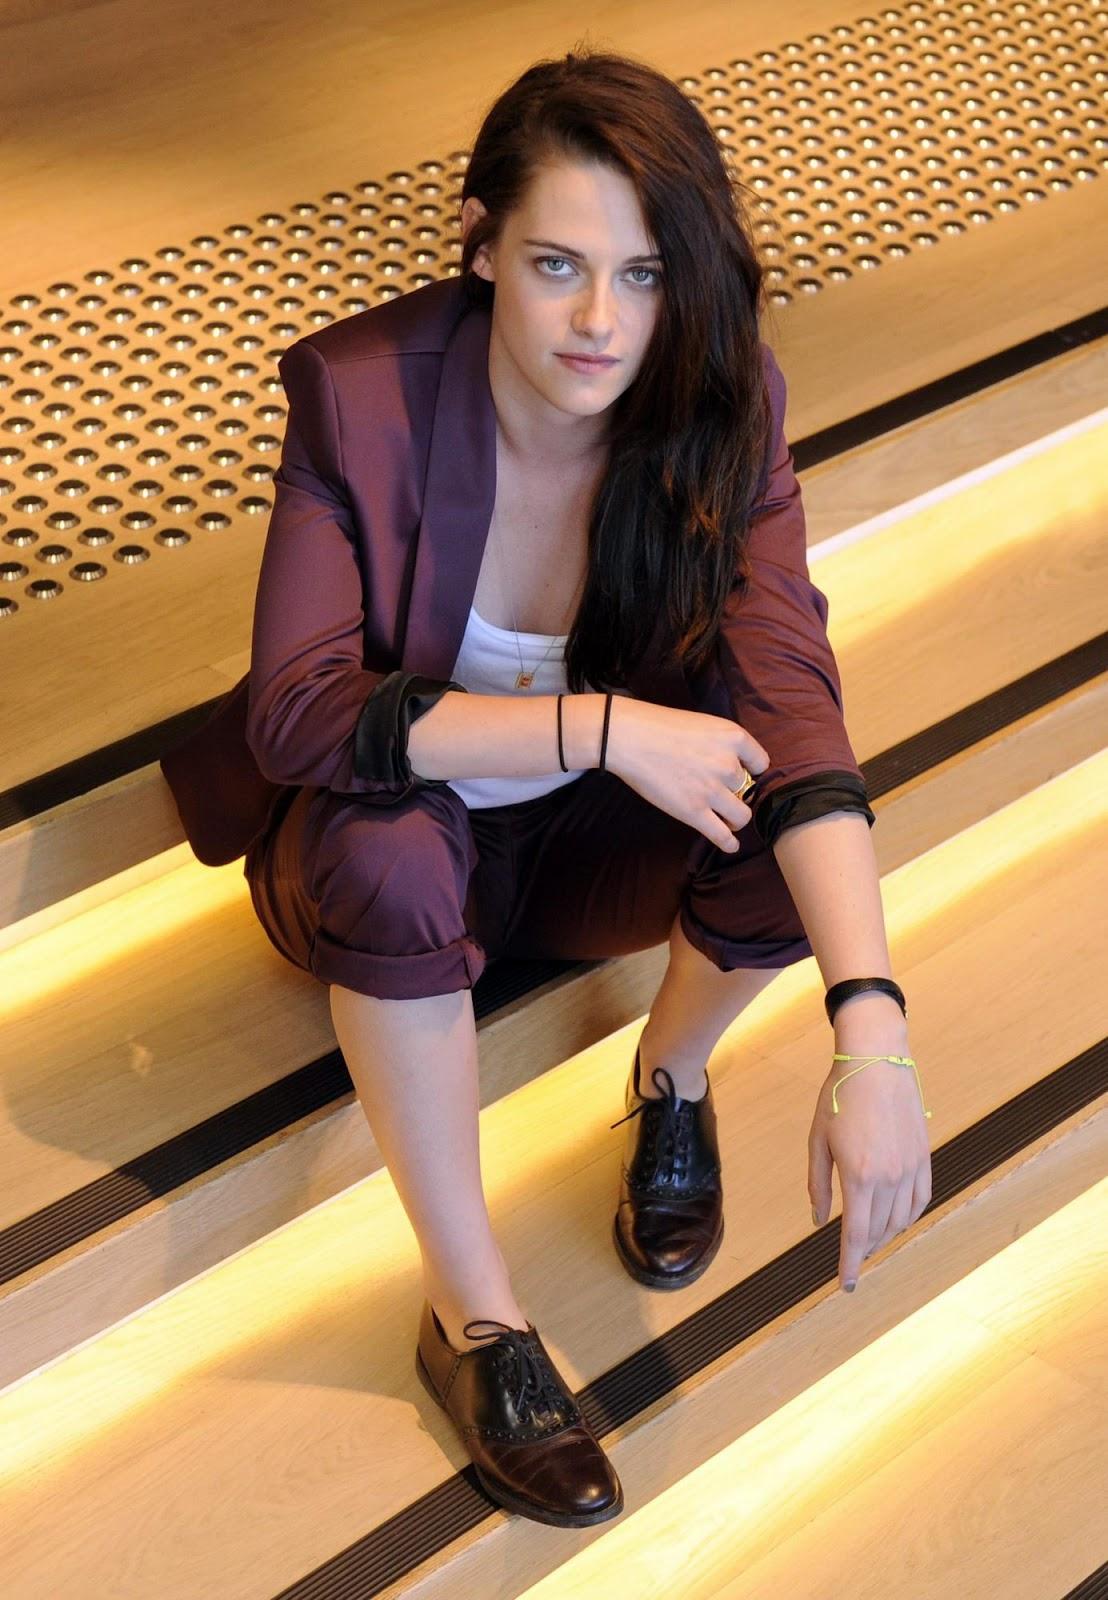 http://2.bp.blogspot.com/-XvgxRems7TA/T-G8FC6s-DI/AAAAAAAAvBs/G0urdhwa9fI/s1600/Kristen_Stewart-Snow_White_the_Huntsman-Sydney-6-19-12.jpg